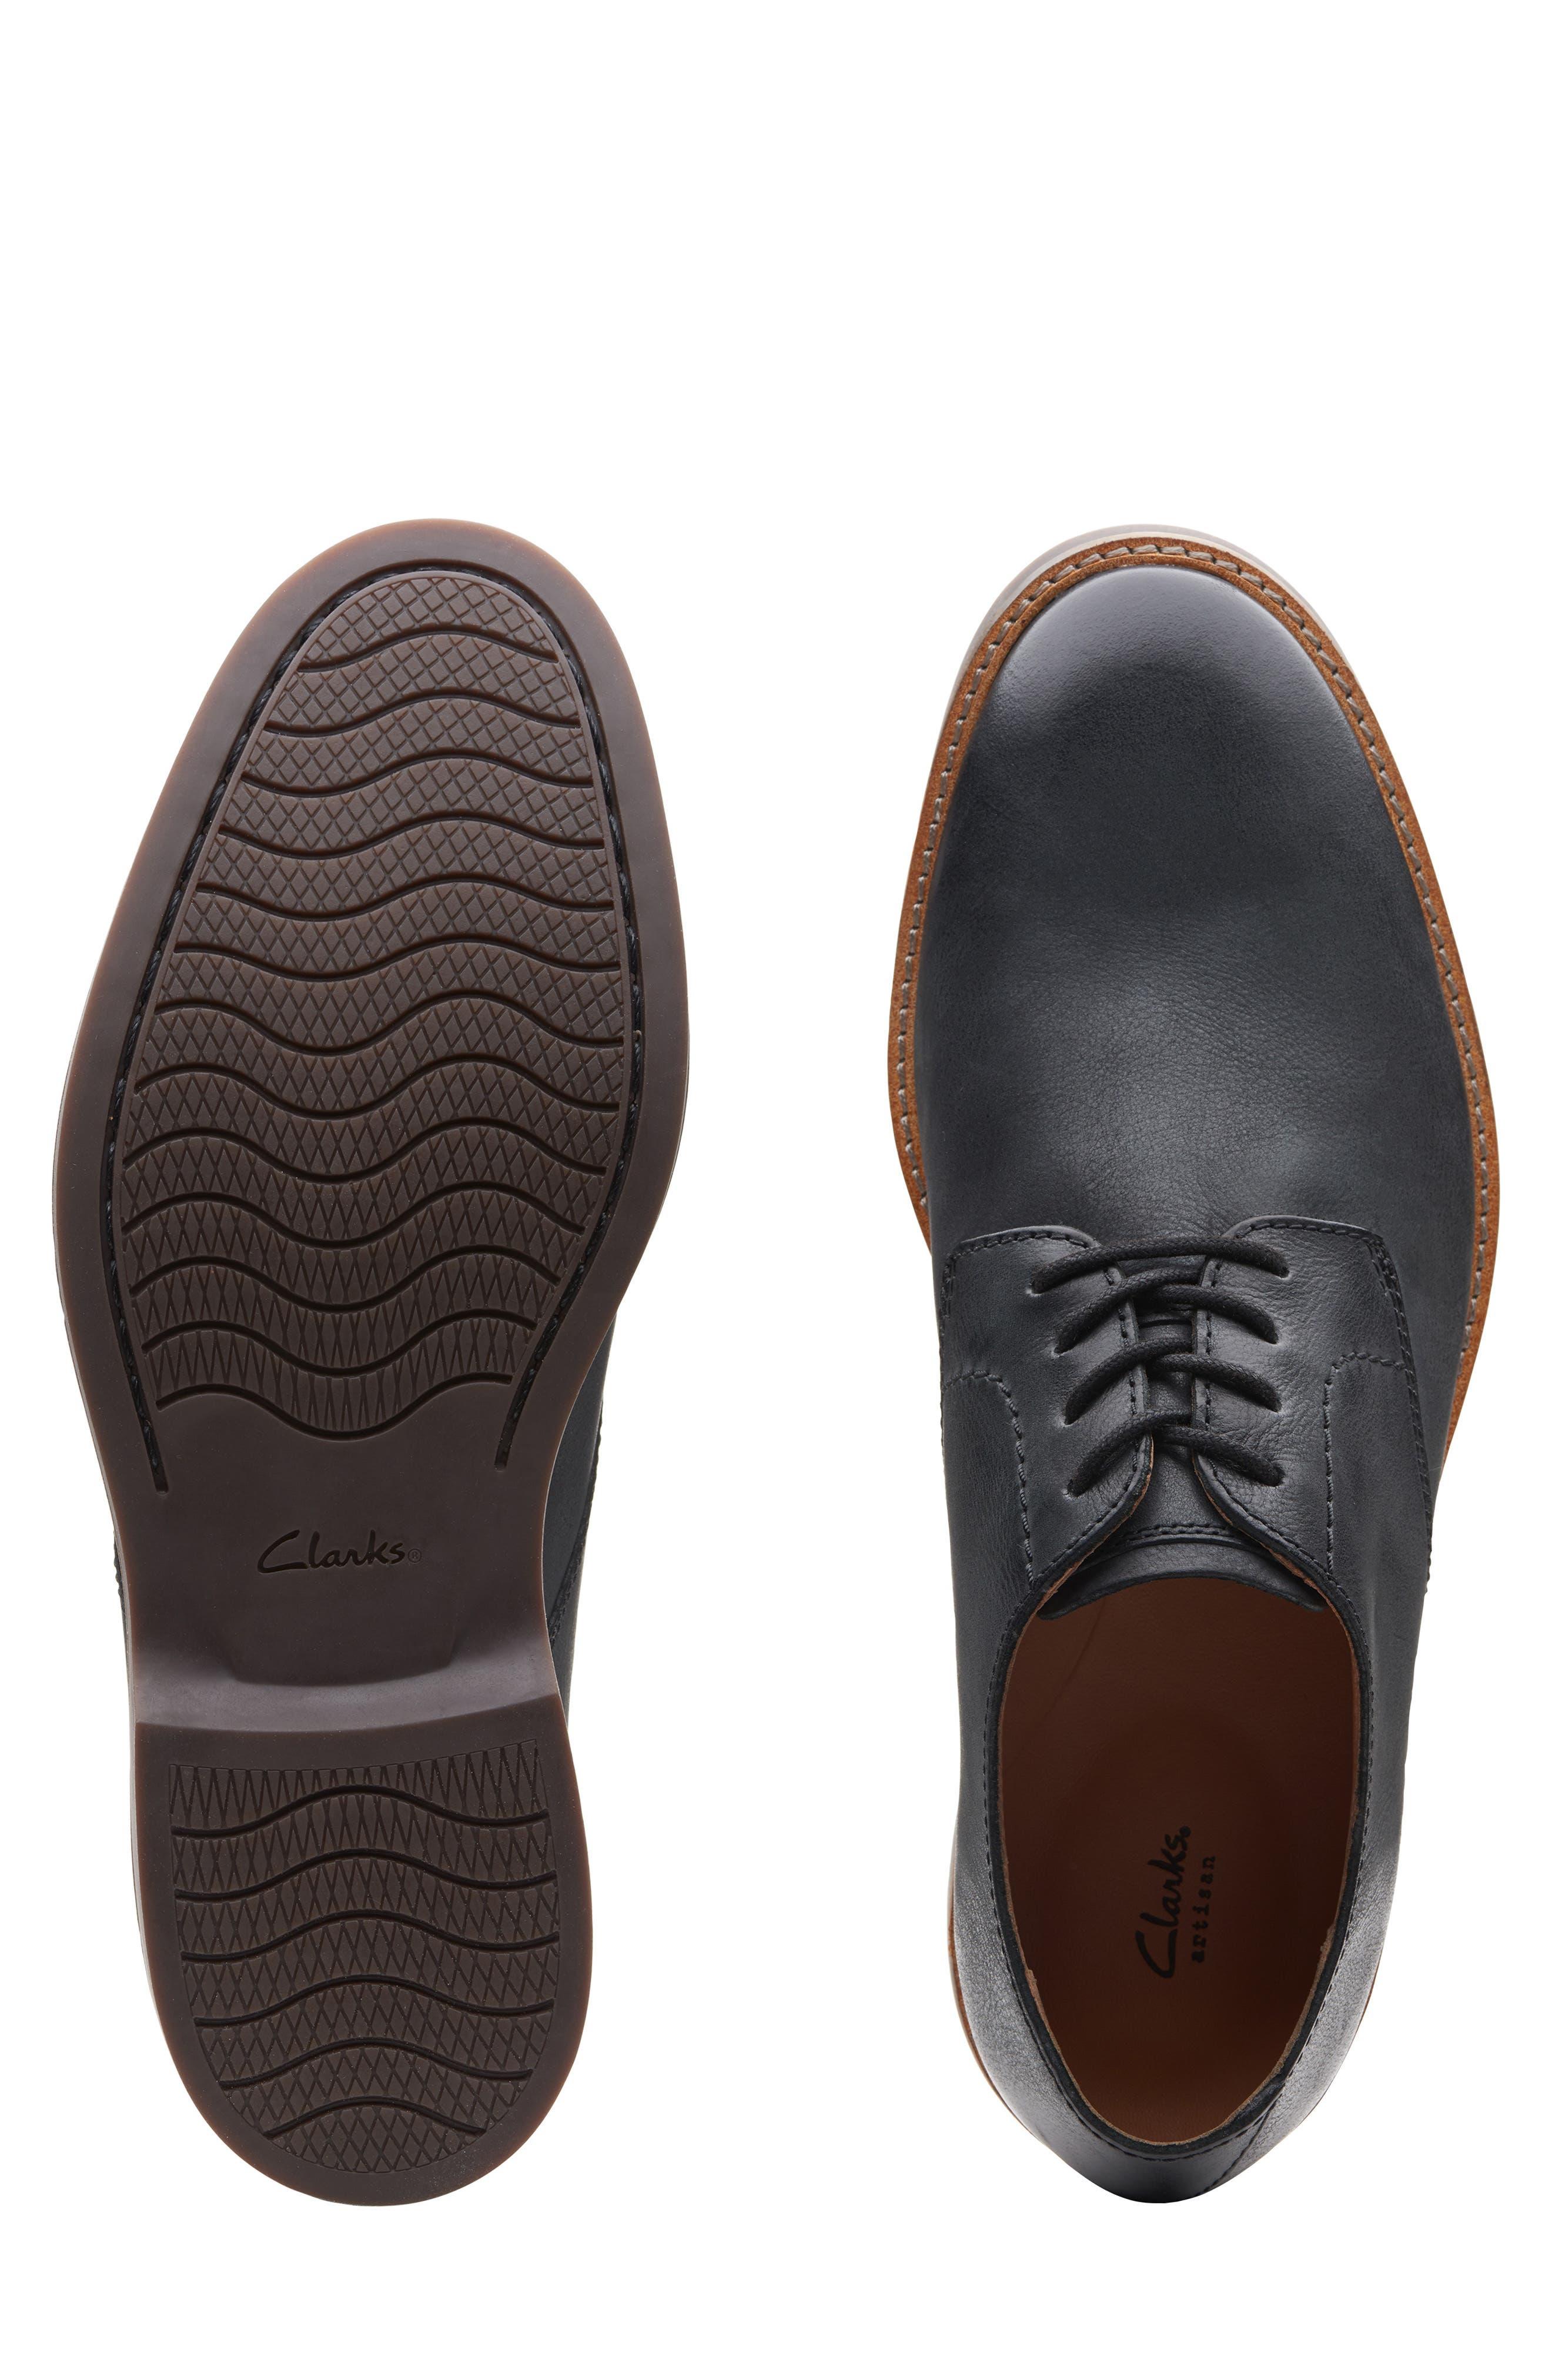 Clarks<sup>®</sup> Atticus Plain Toe Derby,                             Alternate thumbnail 5, color,                             BLACK LEATHER